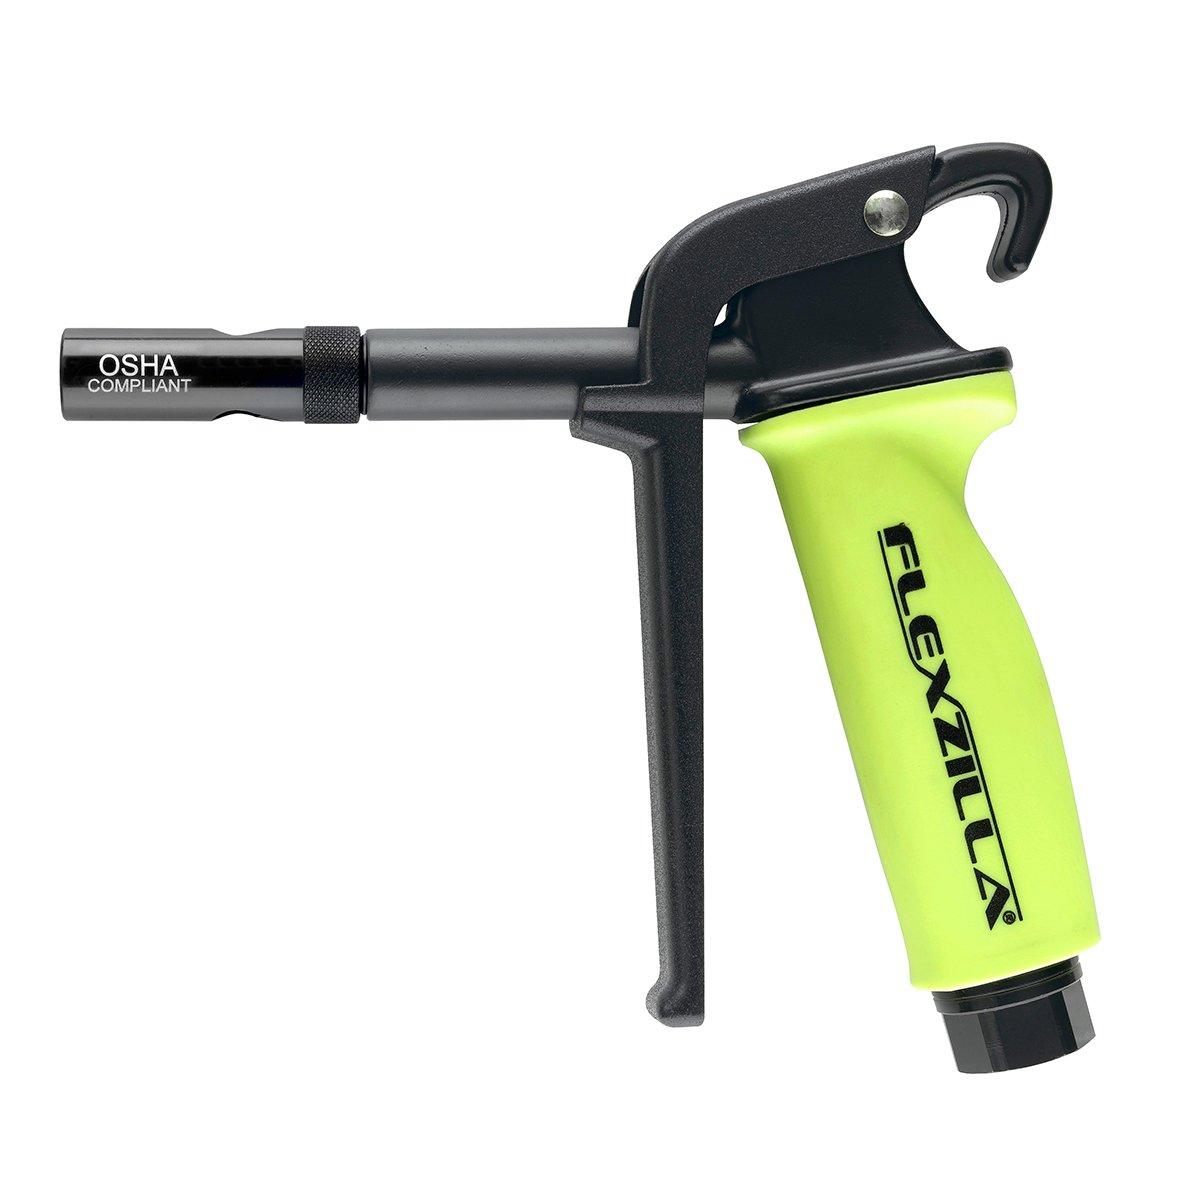 Flexzilla X3 Blow Gun with Xtreme-Flo Safety Nozzle - AG1202FZ